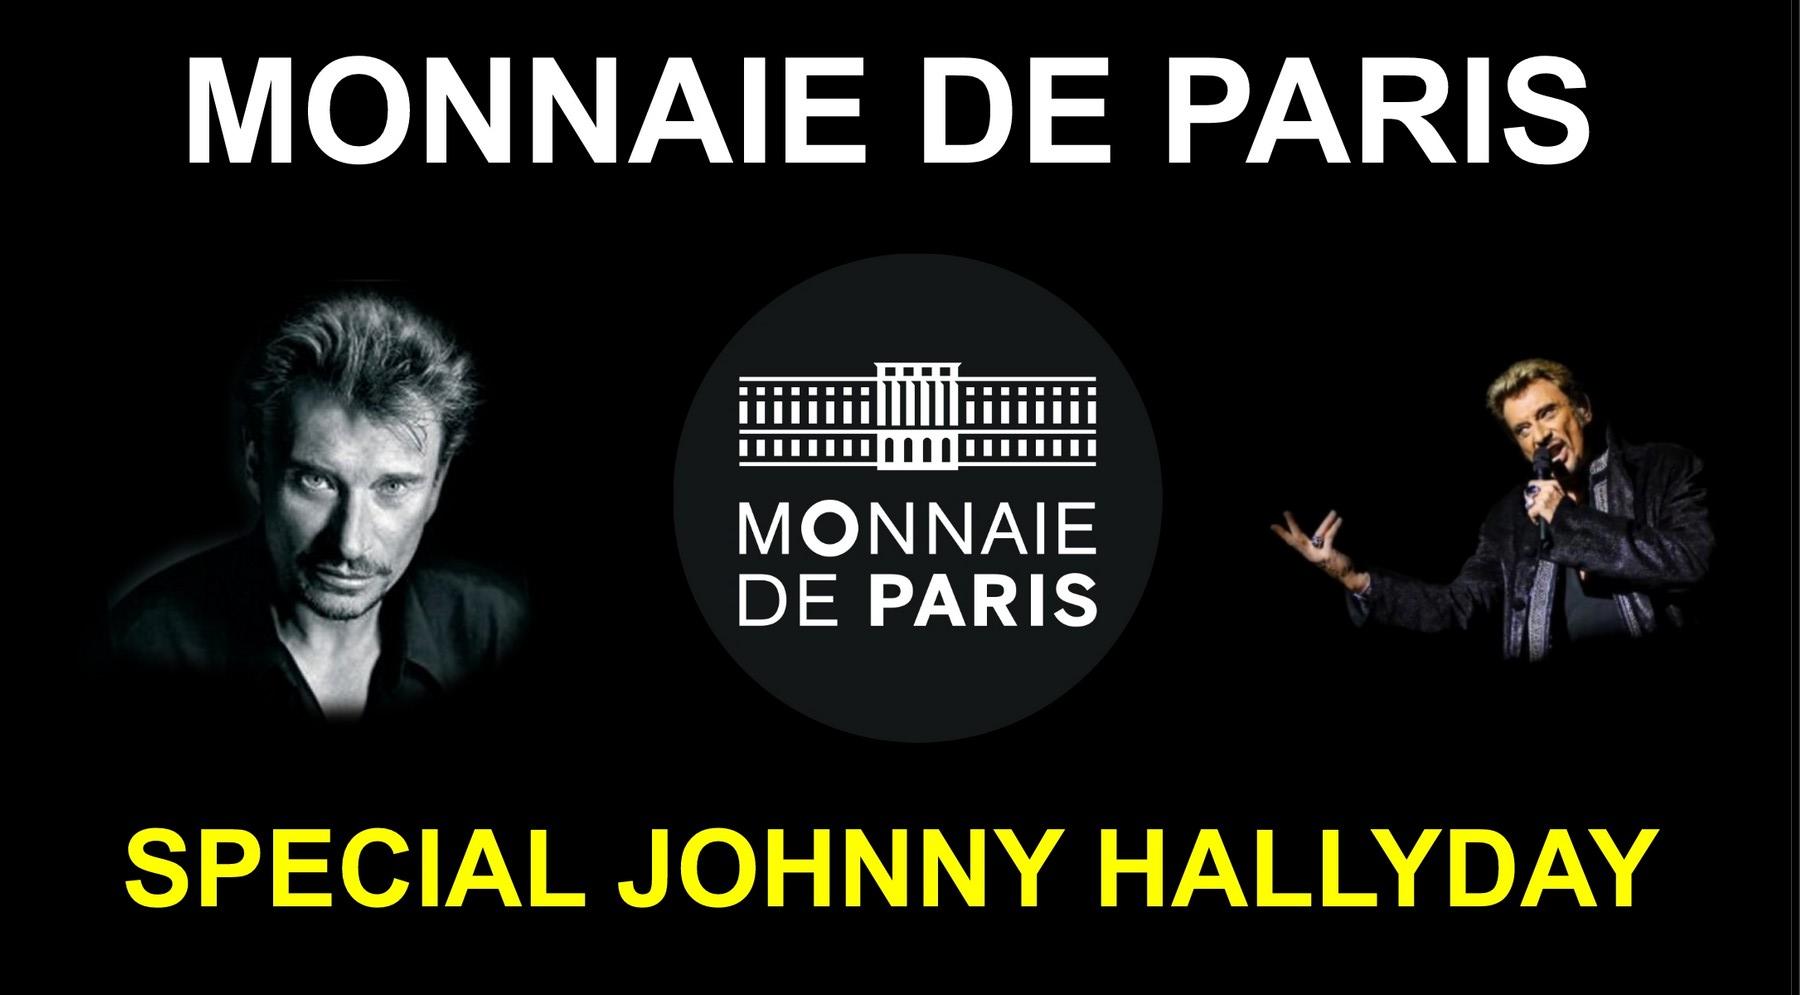 MONNAIE DE PARIS - JOHNNY HALLYDAY - 60 ANS DE SOUVENIRS ( 2020 ) Langfr12